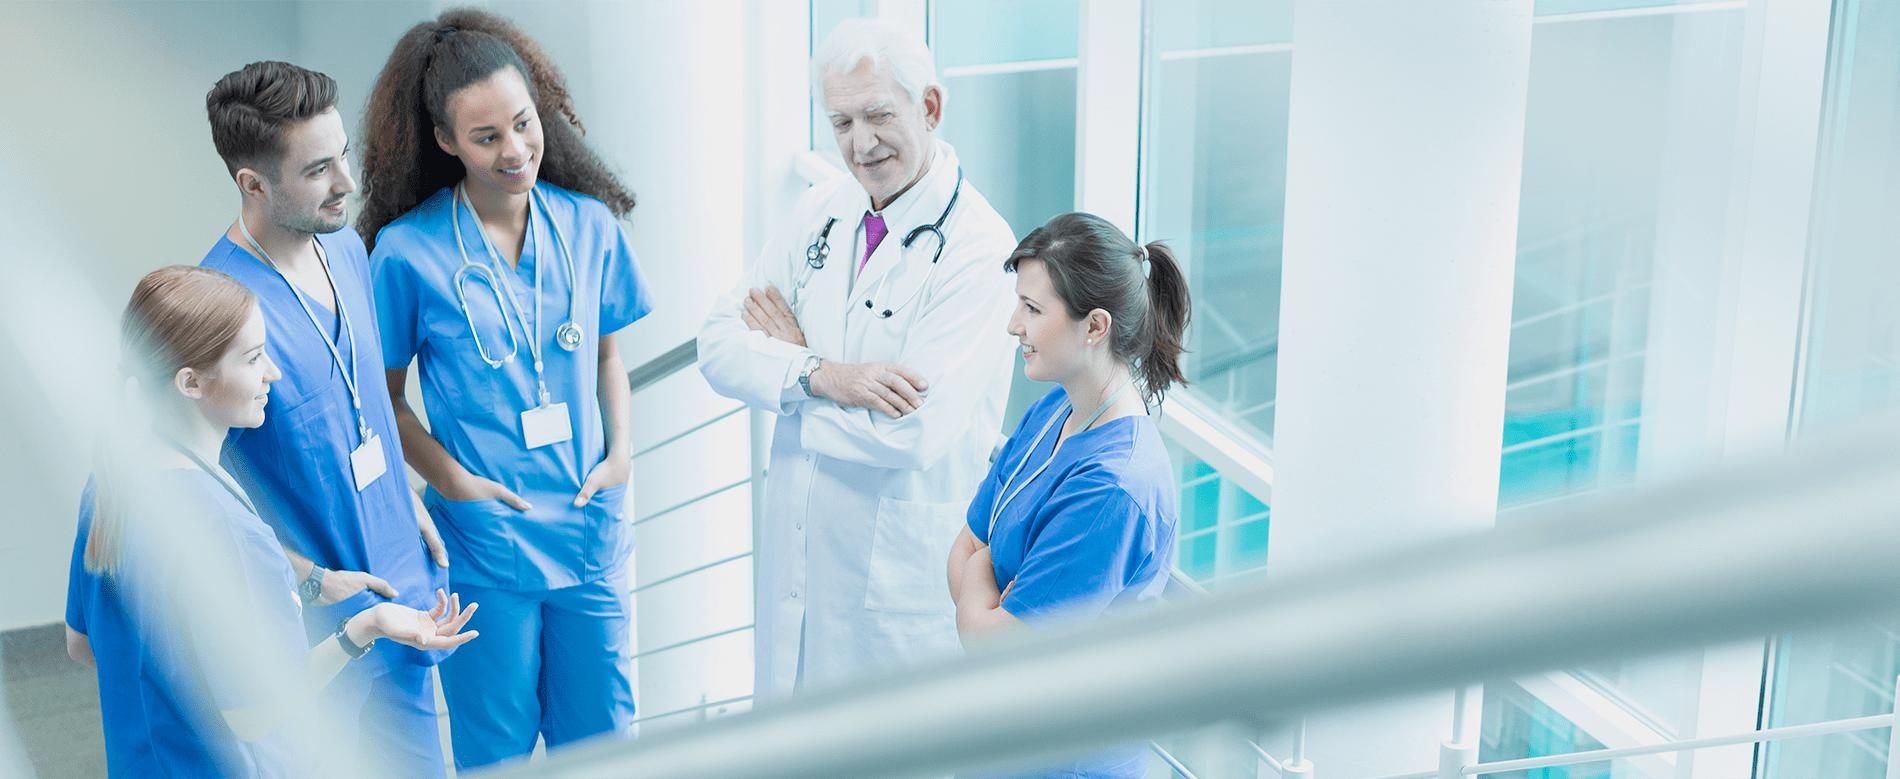 Medizinisches Personal in Krankenhaus